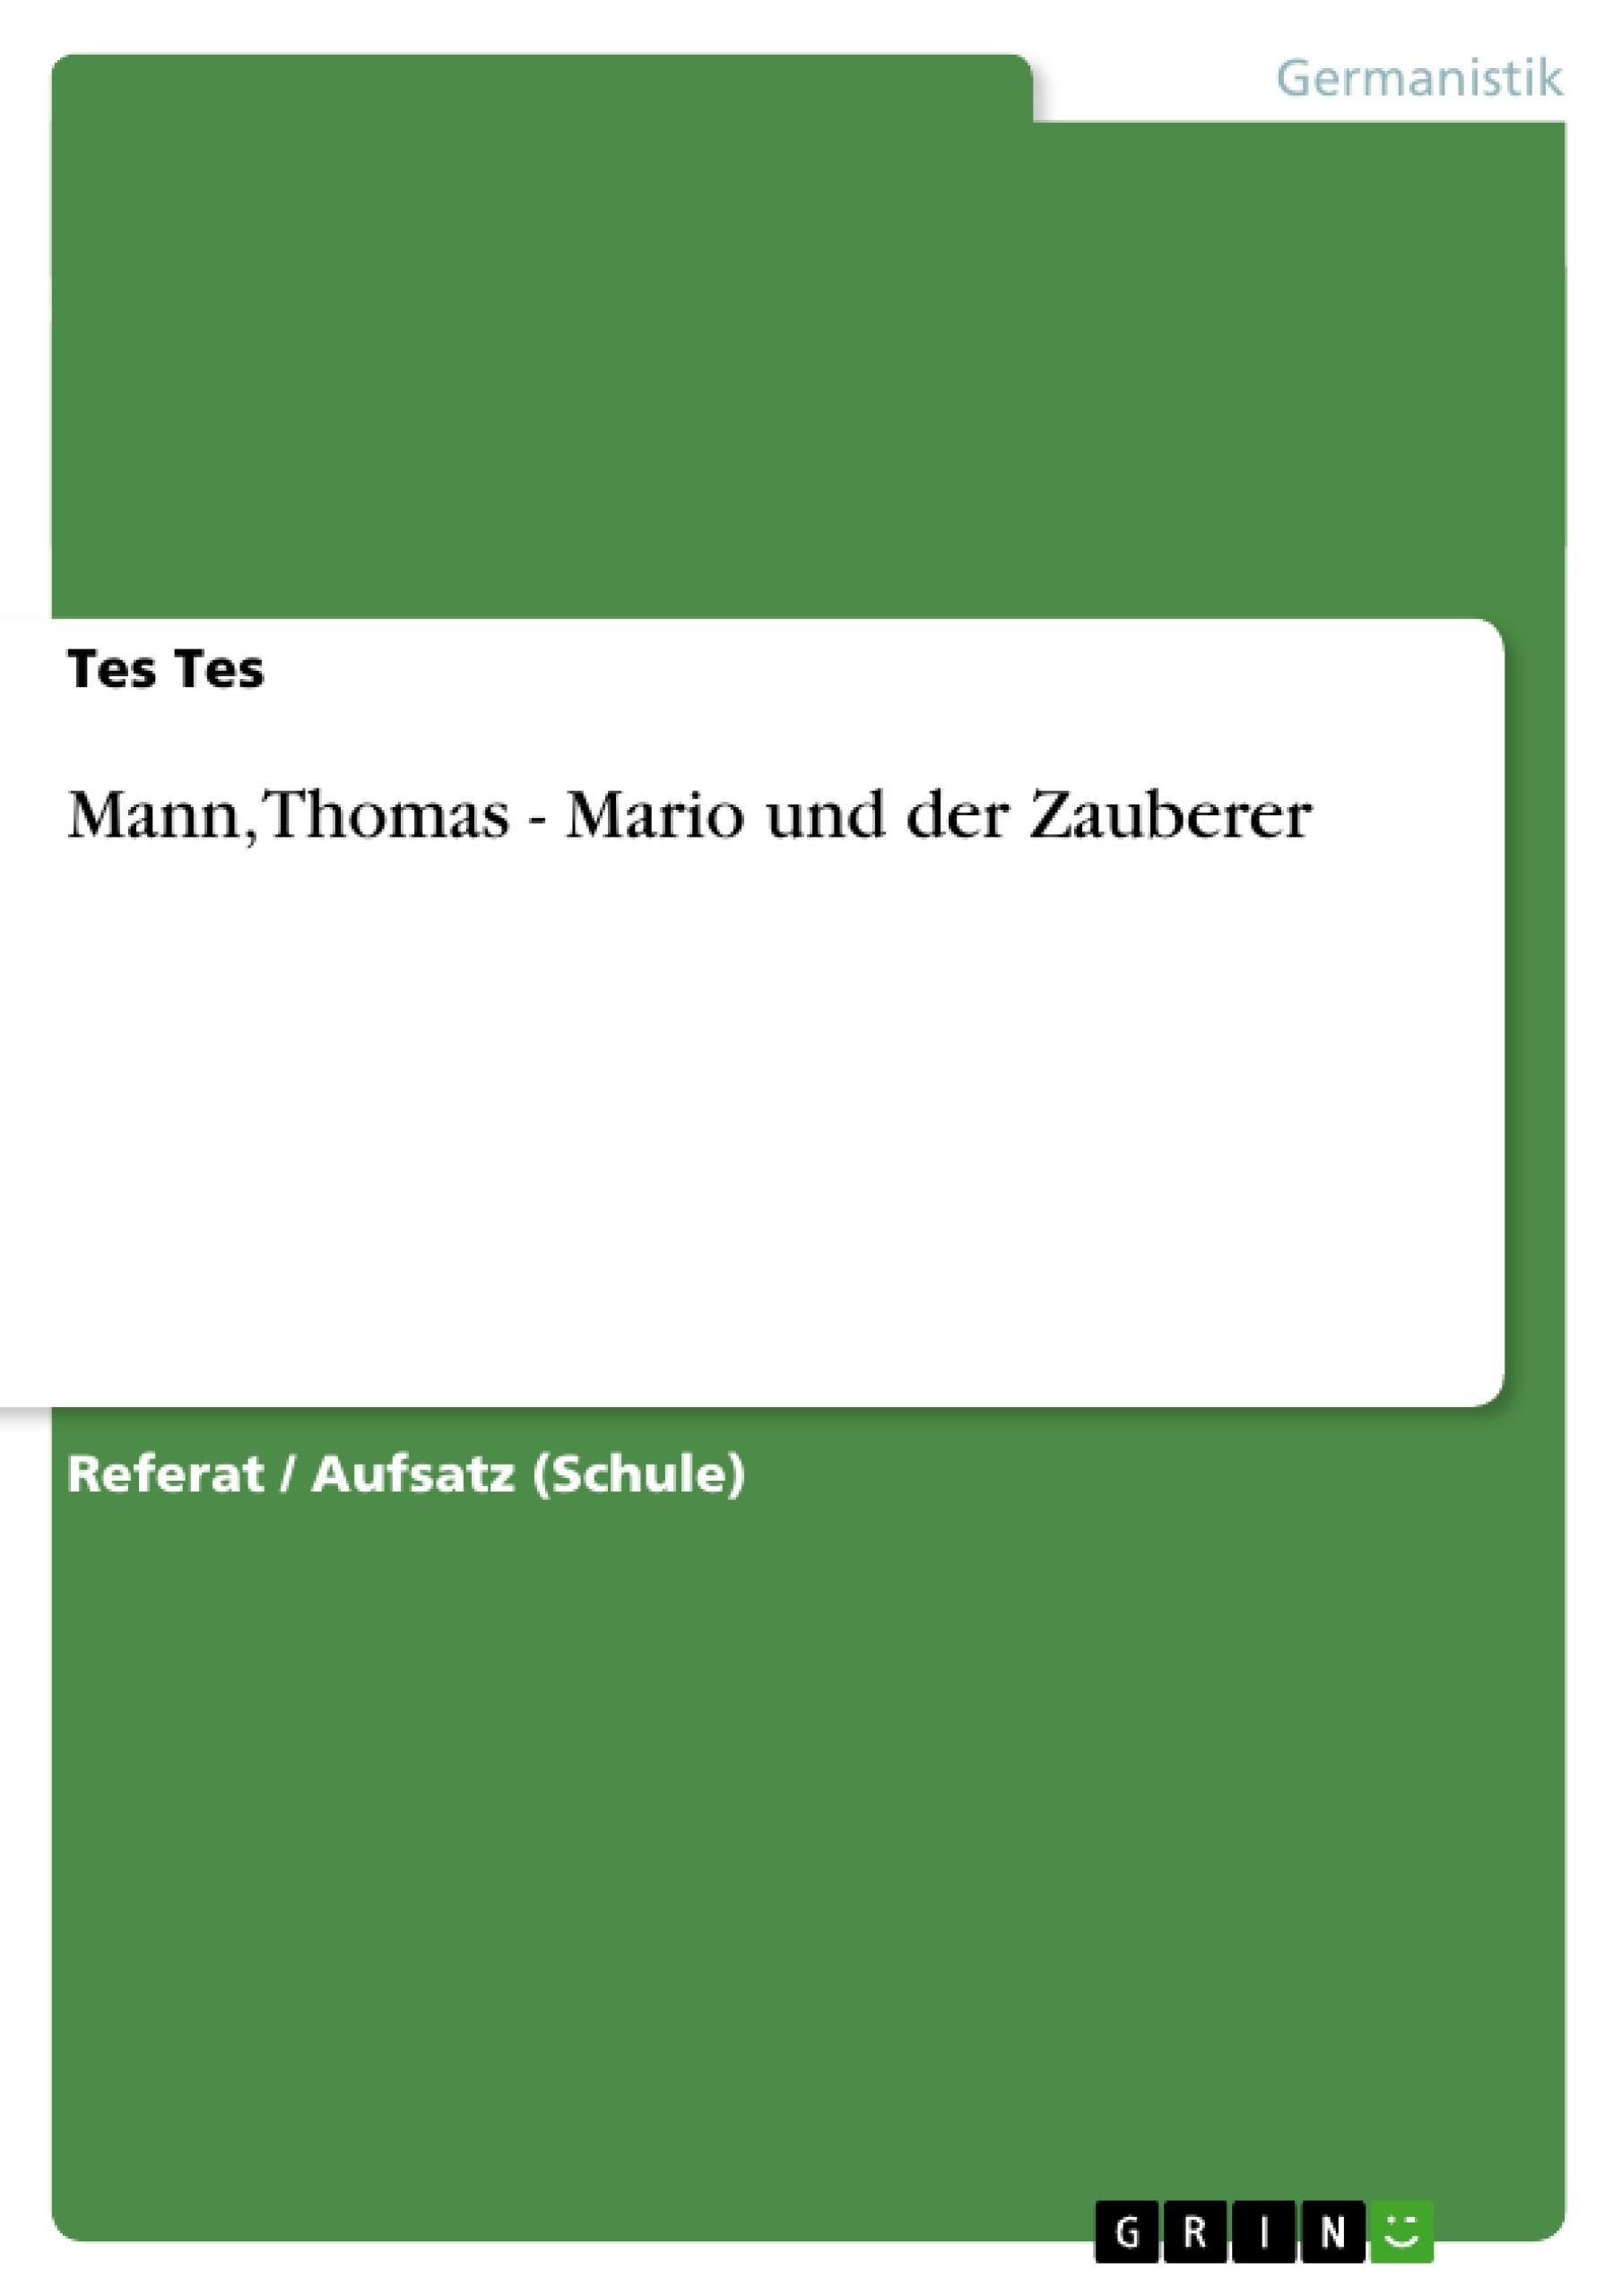 Titel: Mann, Thomas - Mario und der Zauberer